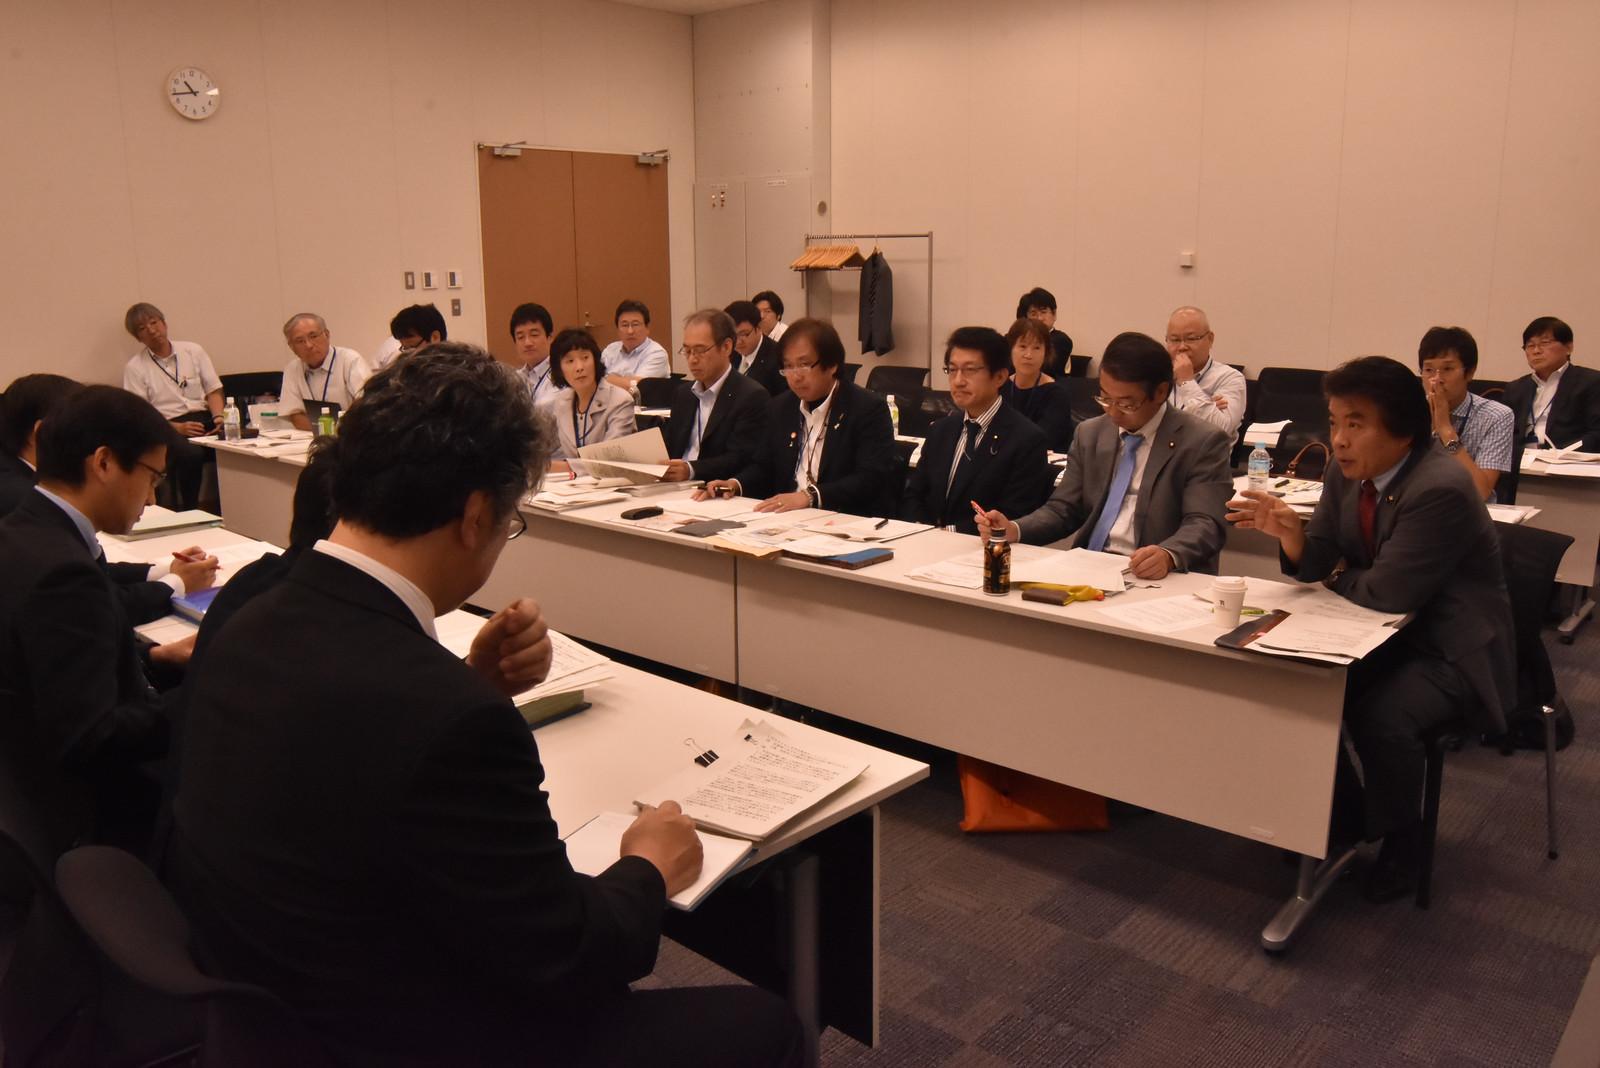 省庁の担当者(左)に要望する「命とくらしを守る熊本ネットワーク」のメンバーと国会議員=5日、国会内